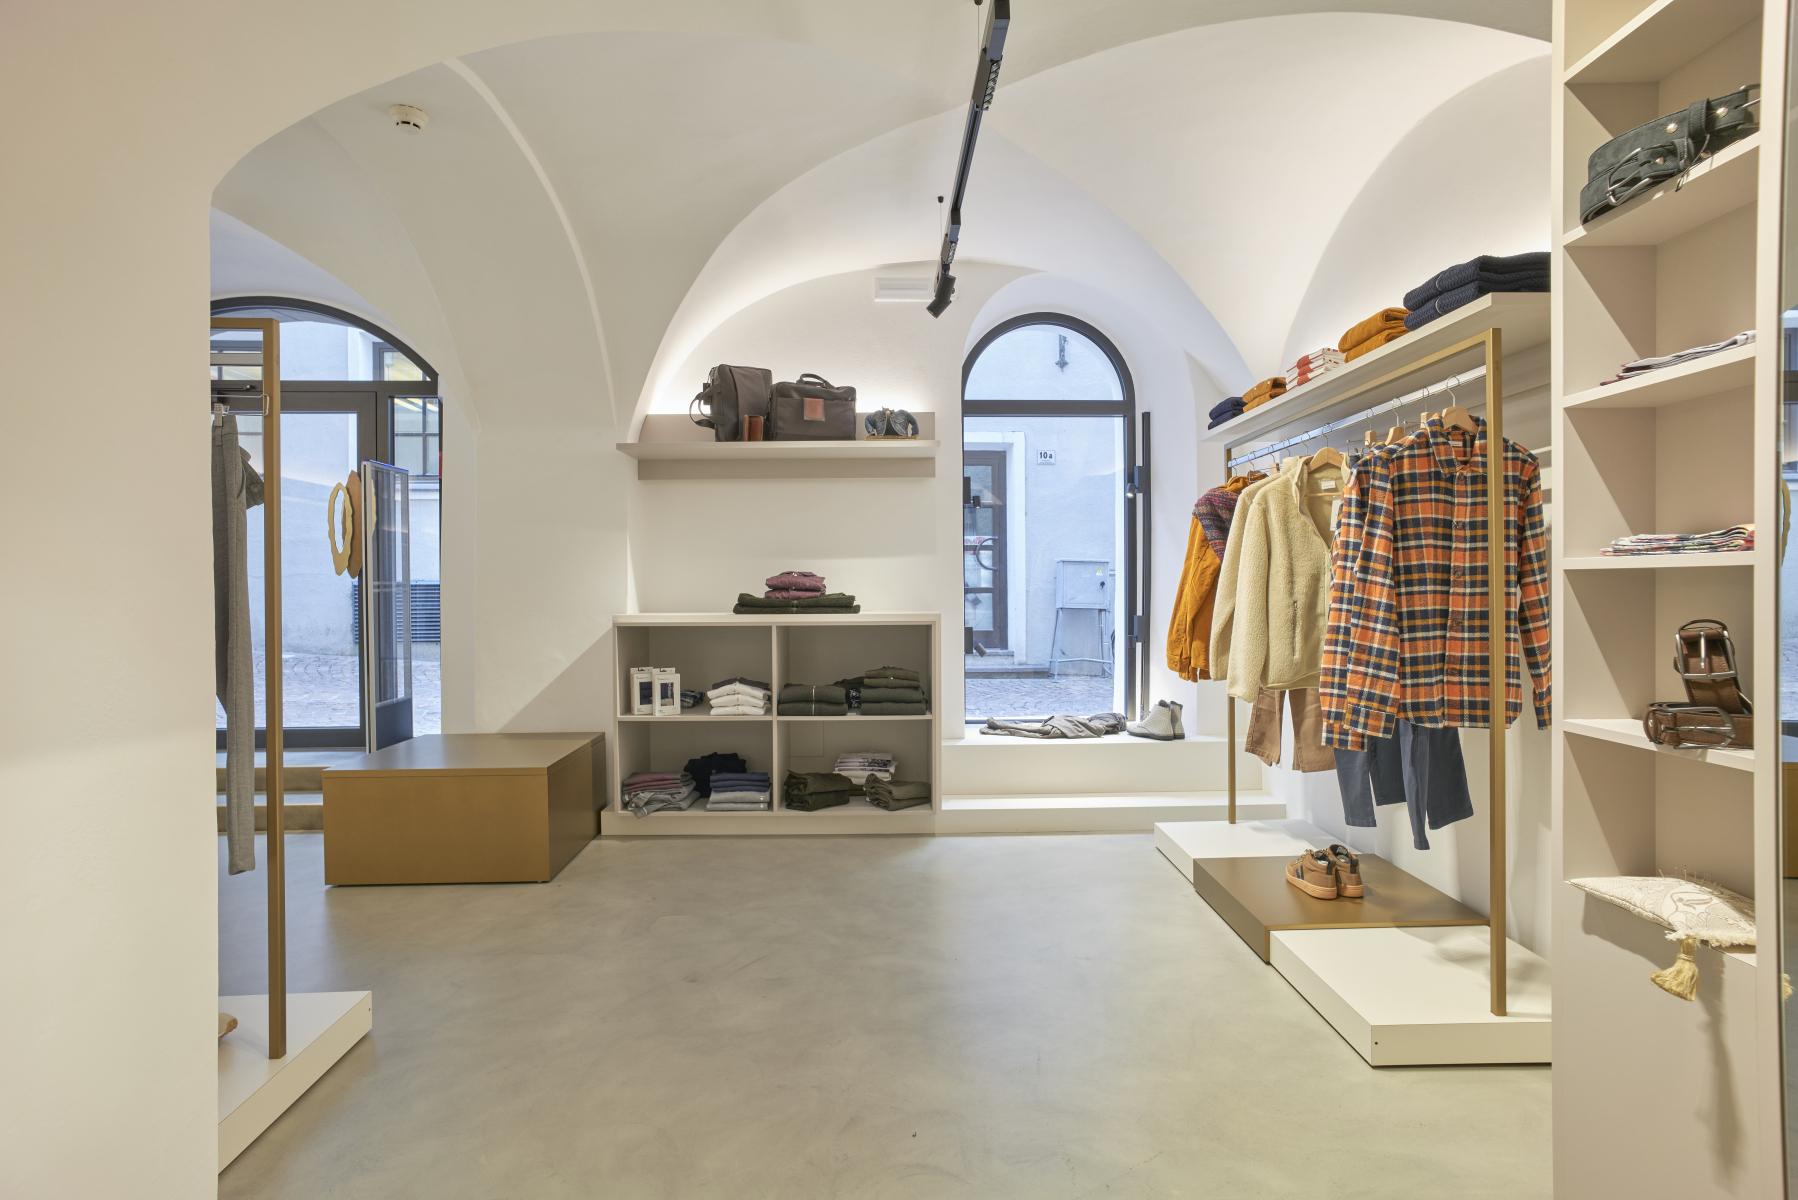 Mode_Tschurtschenthaler_Bruneck_interior_design20